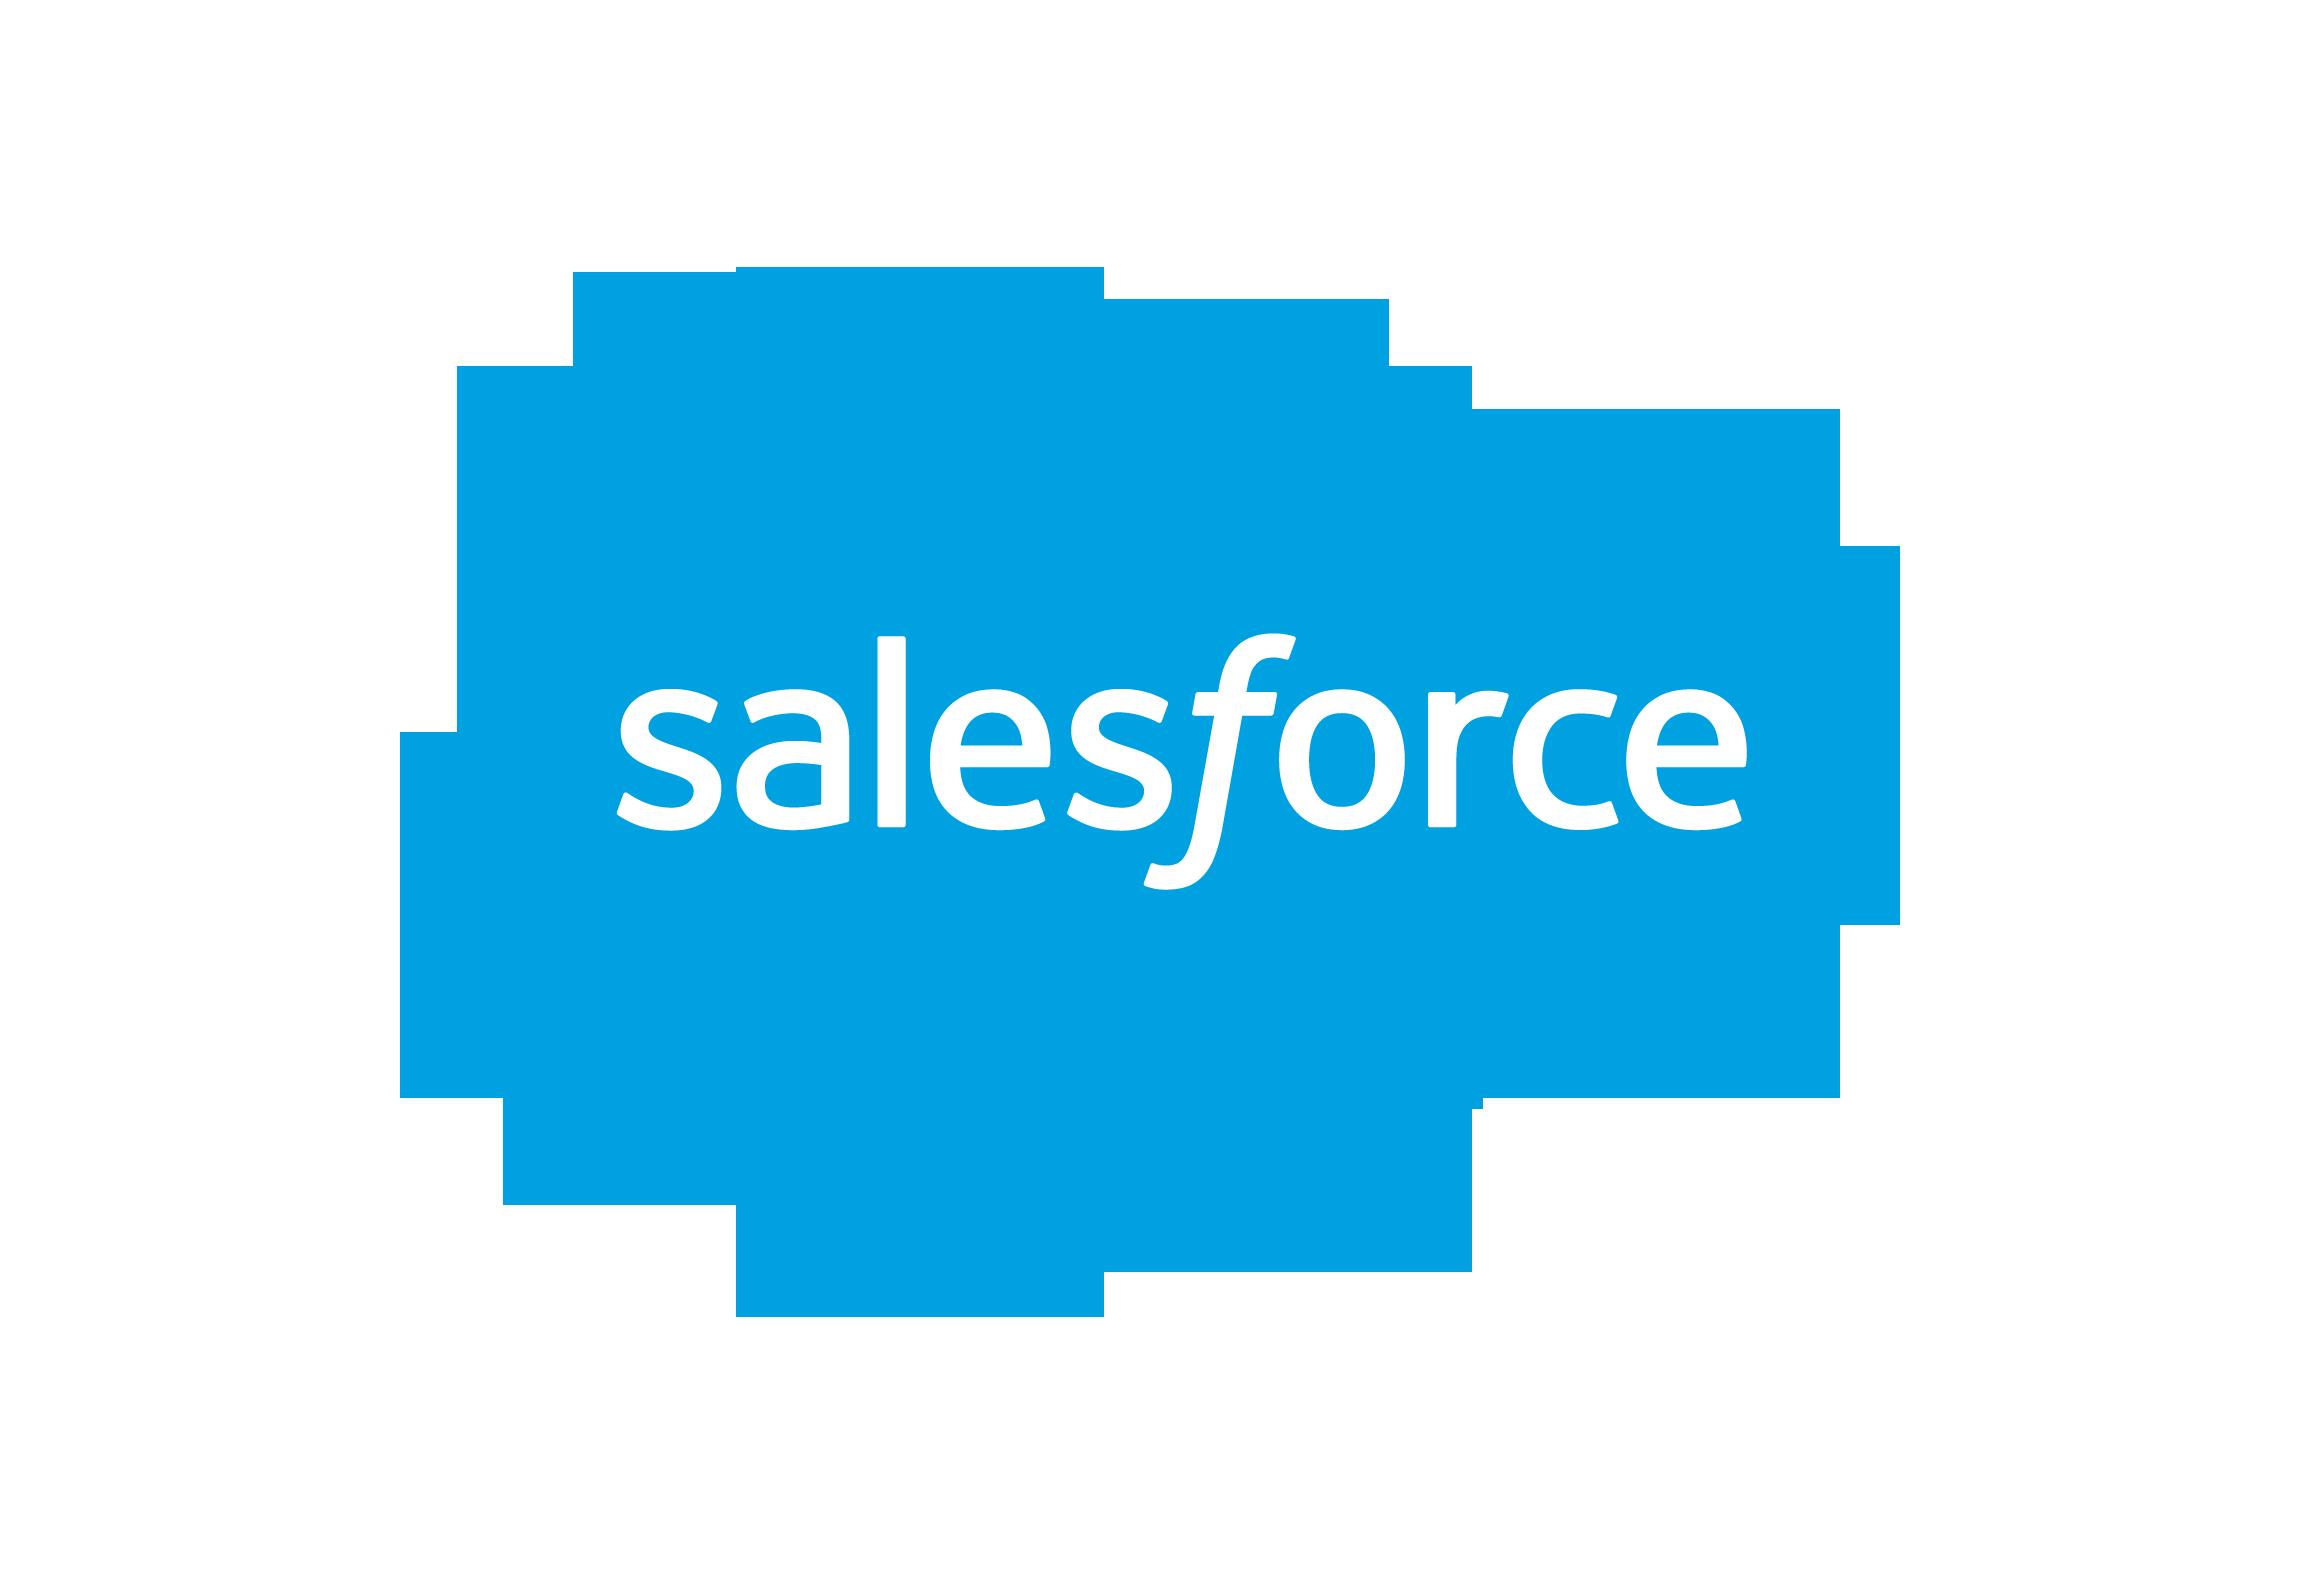 Salesforce Vector PNG - 112808